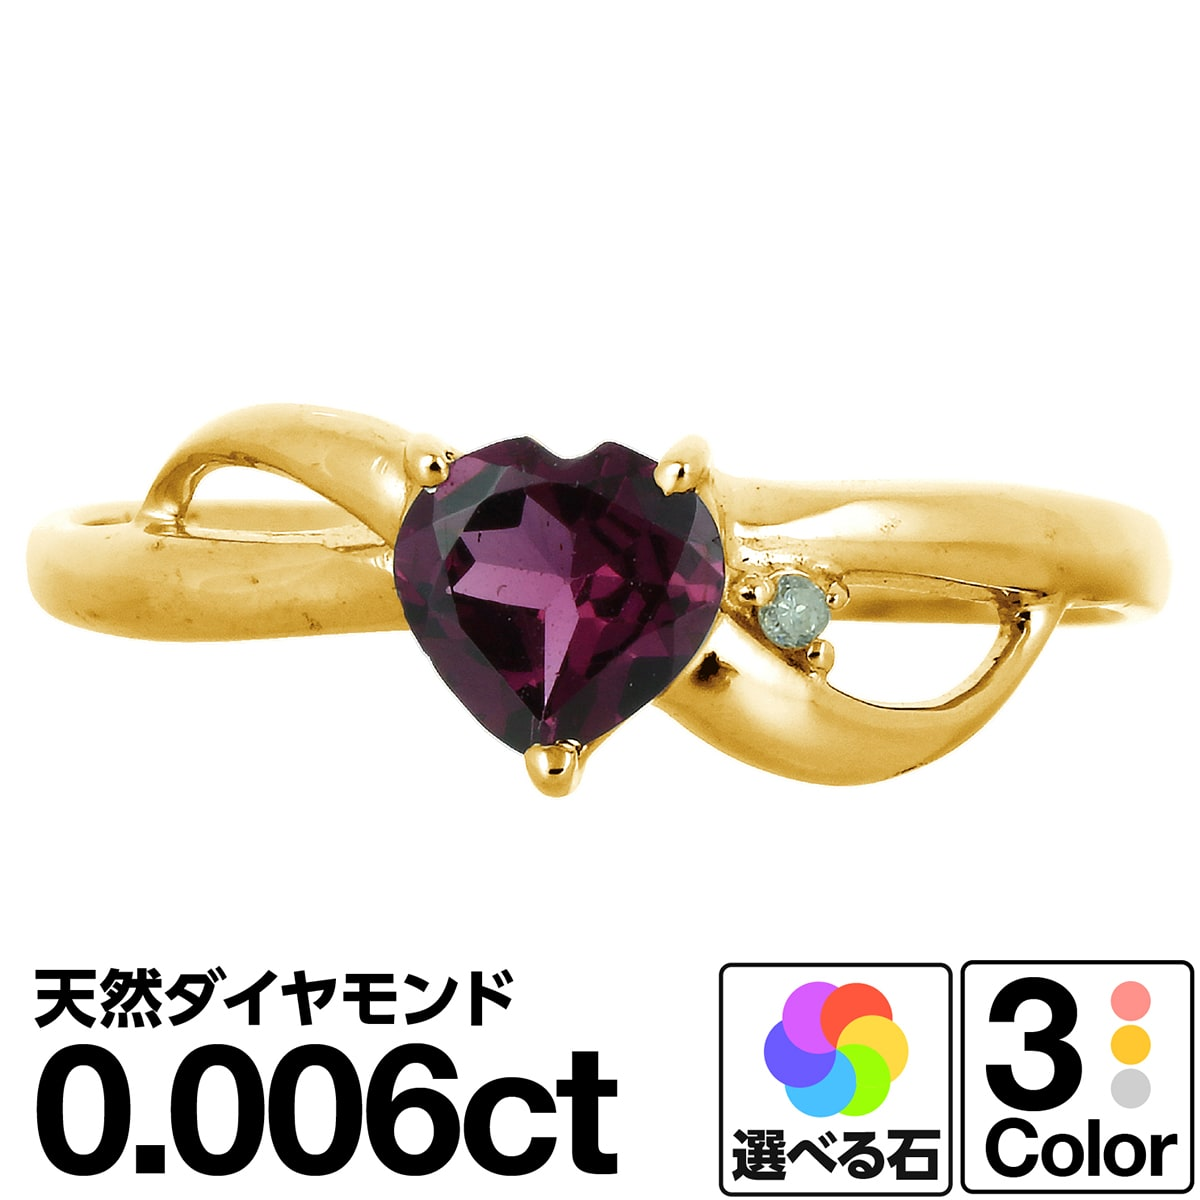 選べるカラーストーン リング k18 イエローゴールド/ホワイトゴールド/ピンクゴールド ファッションリング 品質保証書 金属アレルギー 日本製 誕生日 ギフト